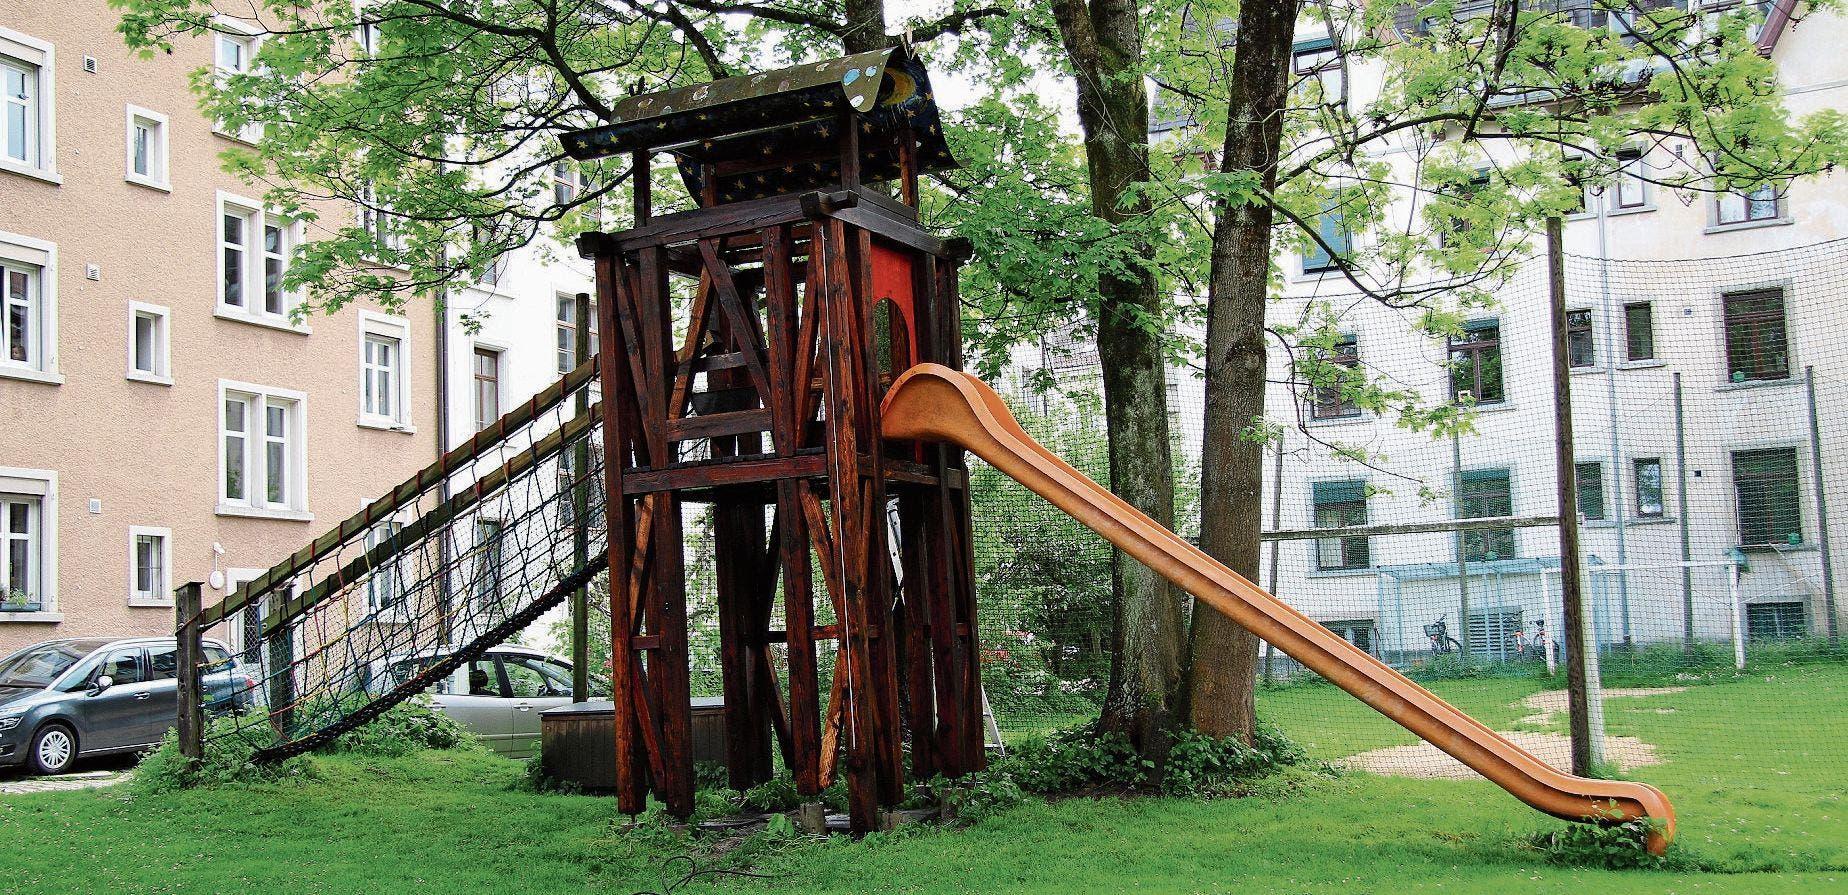 Genossenschaft Schöne Alte Kuhglocke Tür Glocke Mit 3 Glocken Alte Berufe